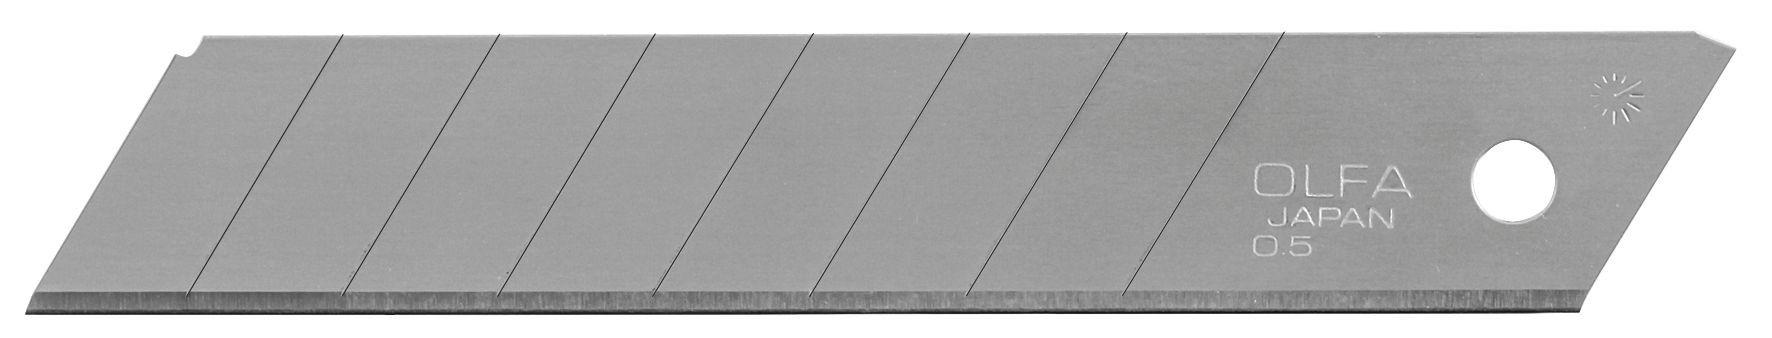 OLFA - Etui de 10 lames - pour cutter LB-10B - 18 mm